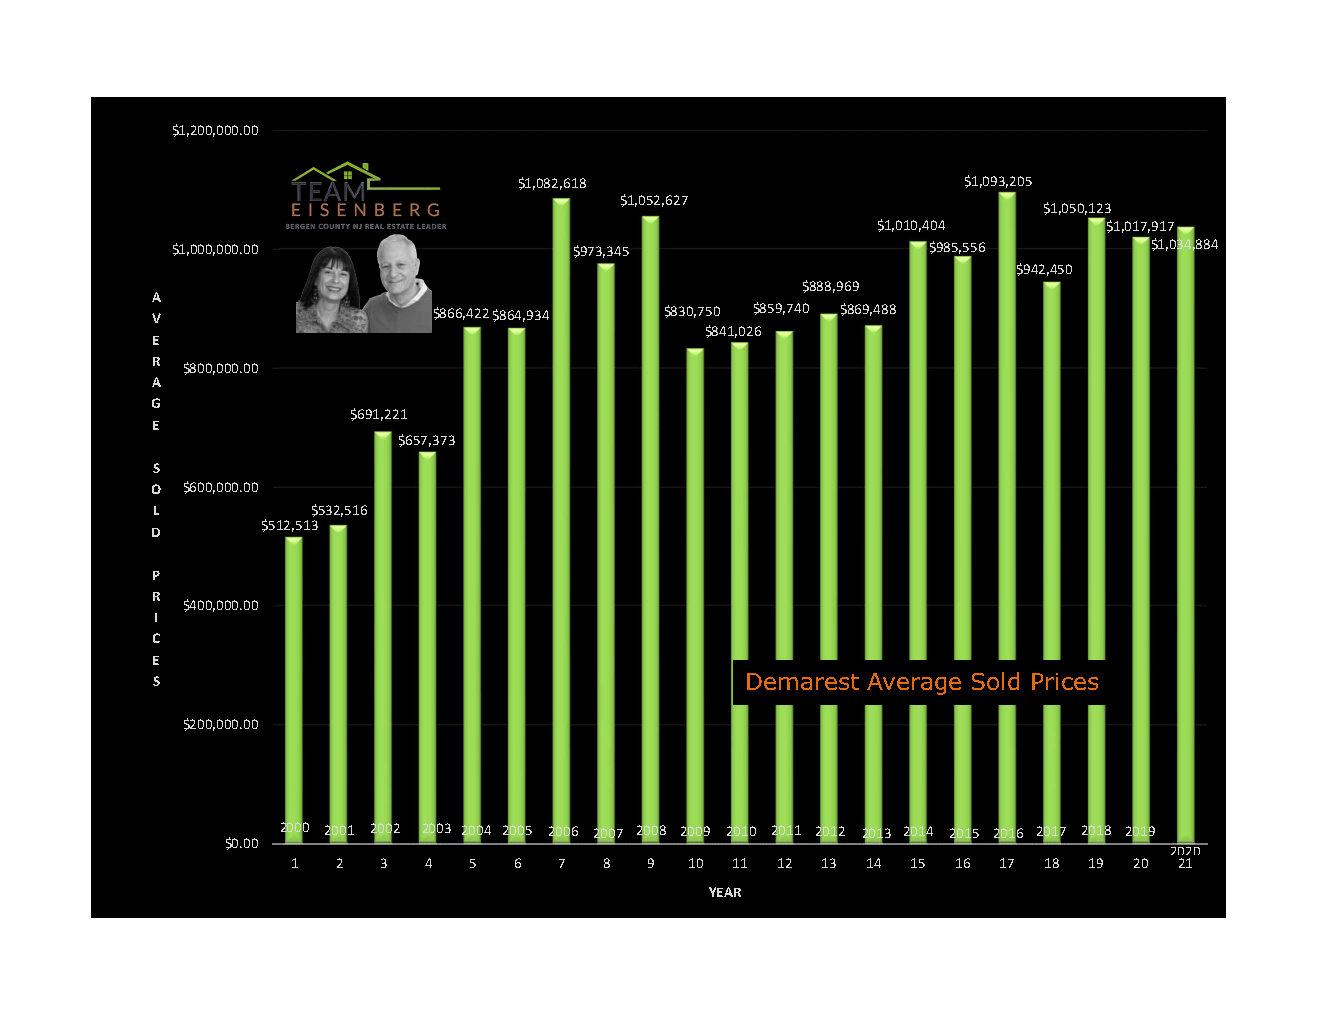 Demarest   Average Sold Prices   2000-2020